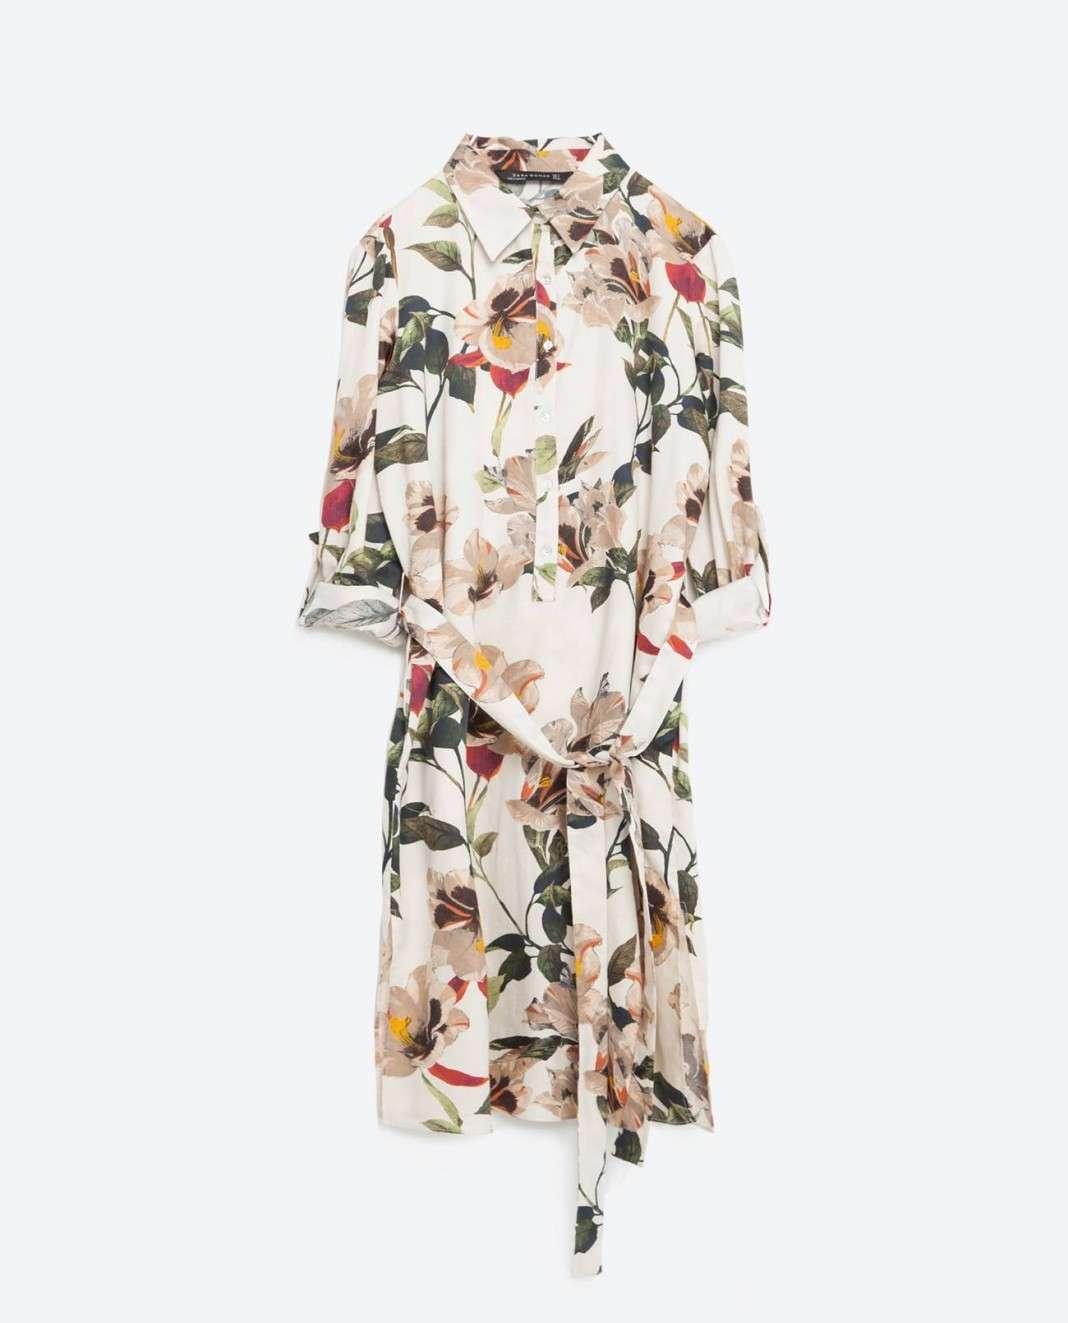 vestidos de Zara para el verano 2016 . flores camisa